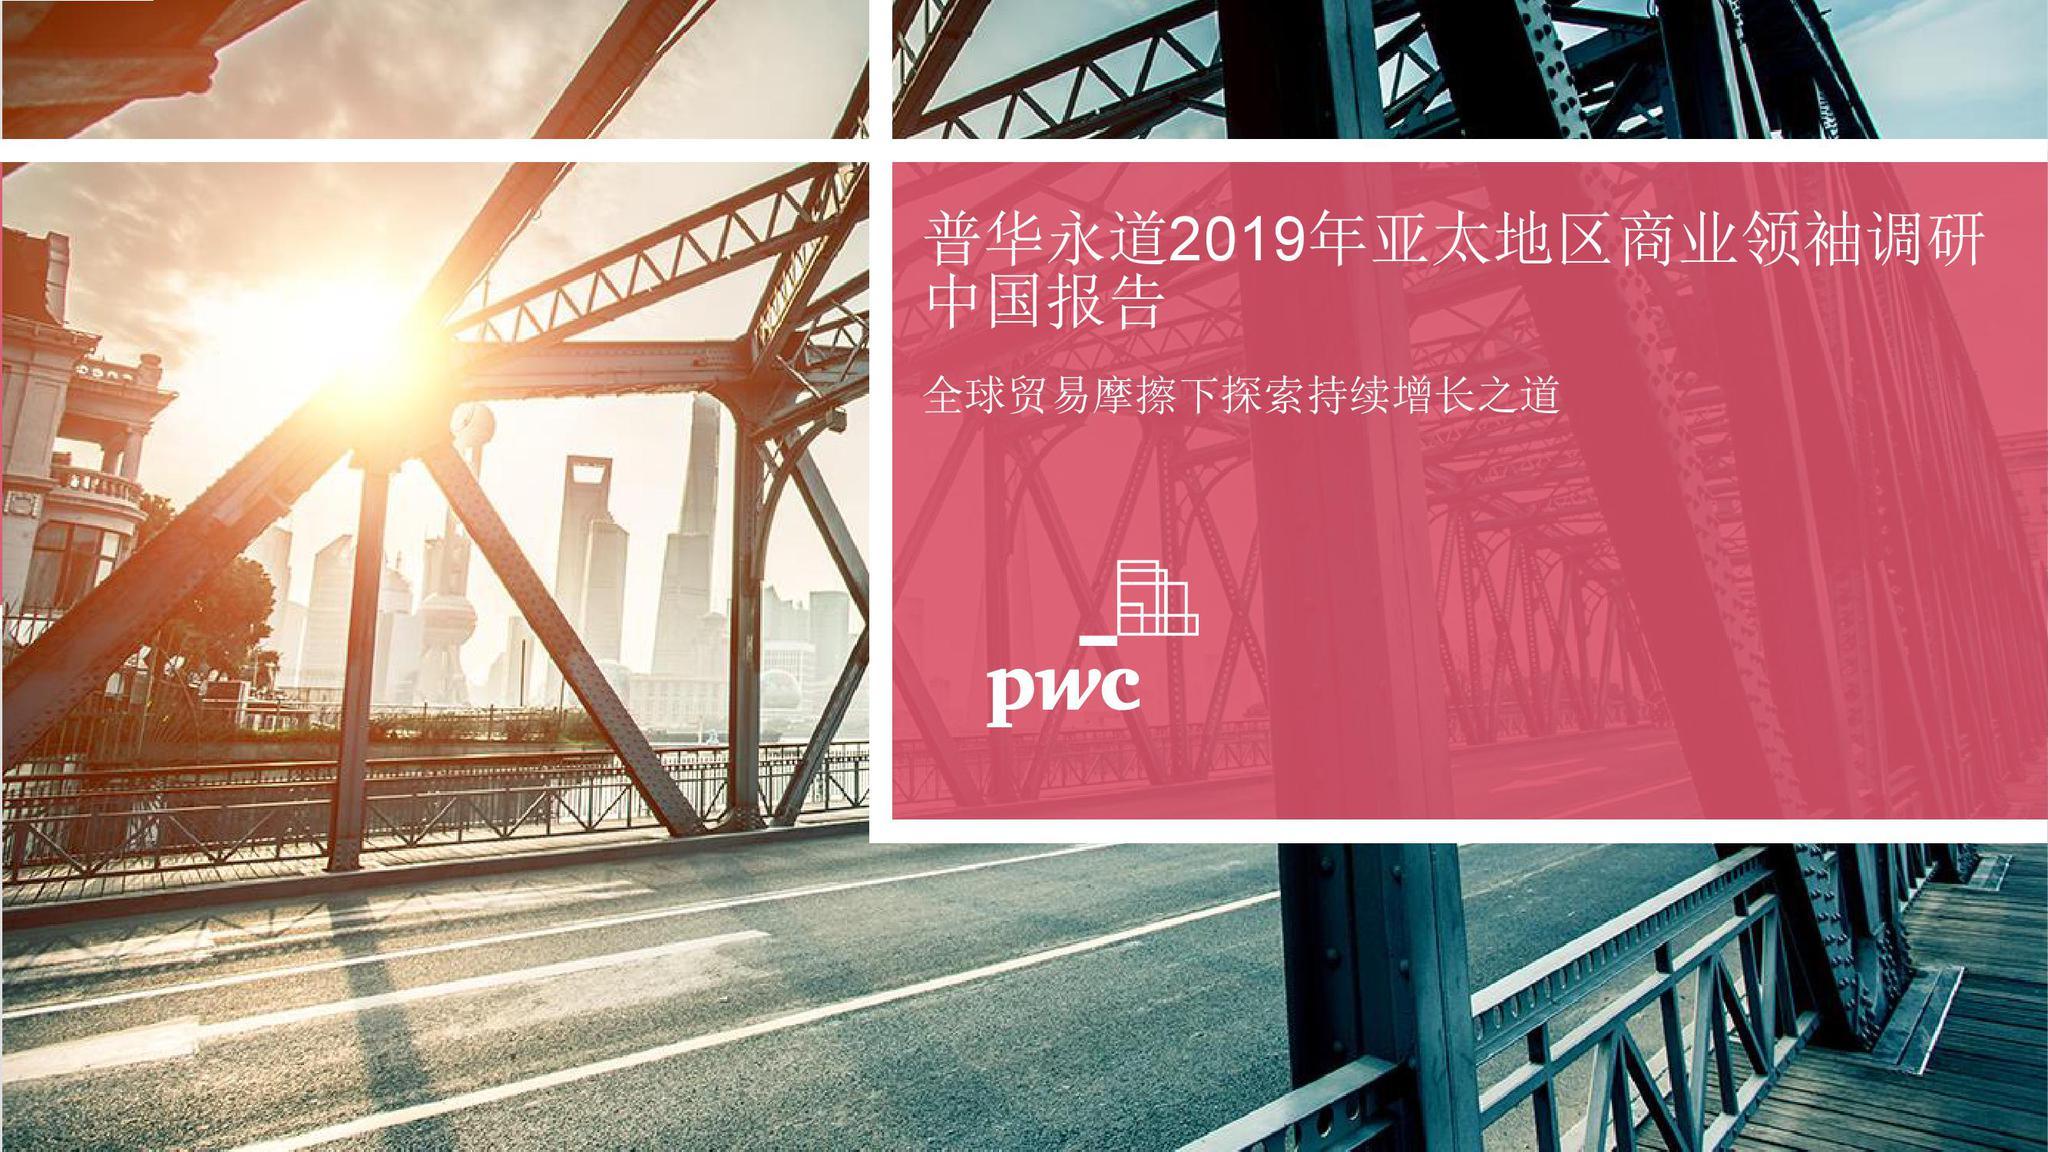 普华永道:2019年亚太地区商业领袖调研 — 中国报告